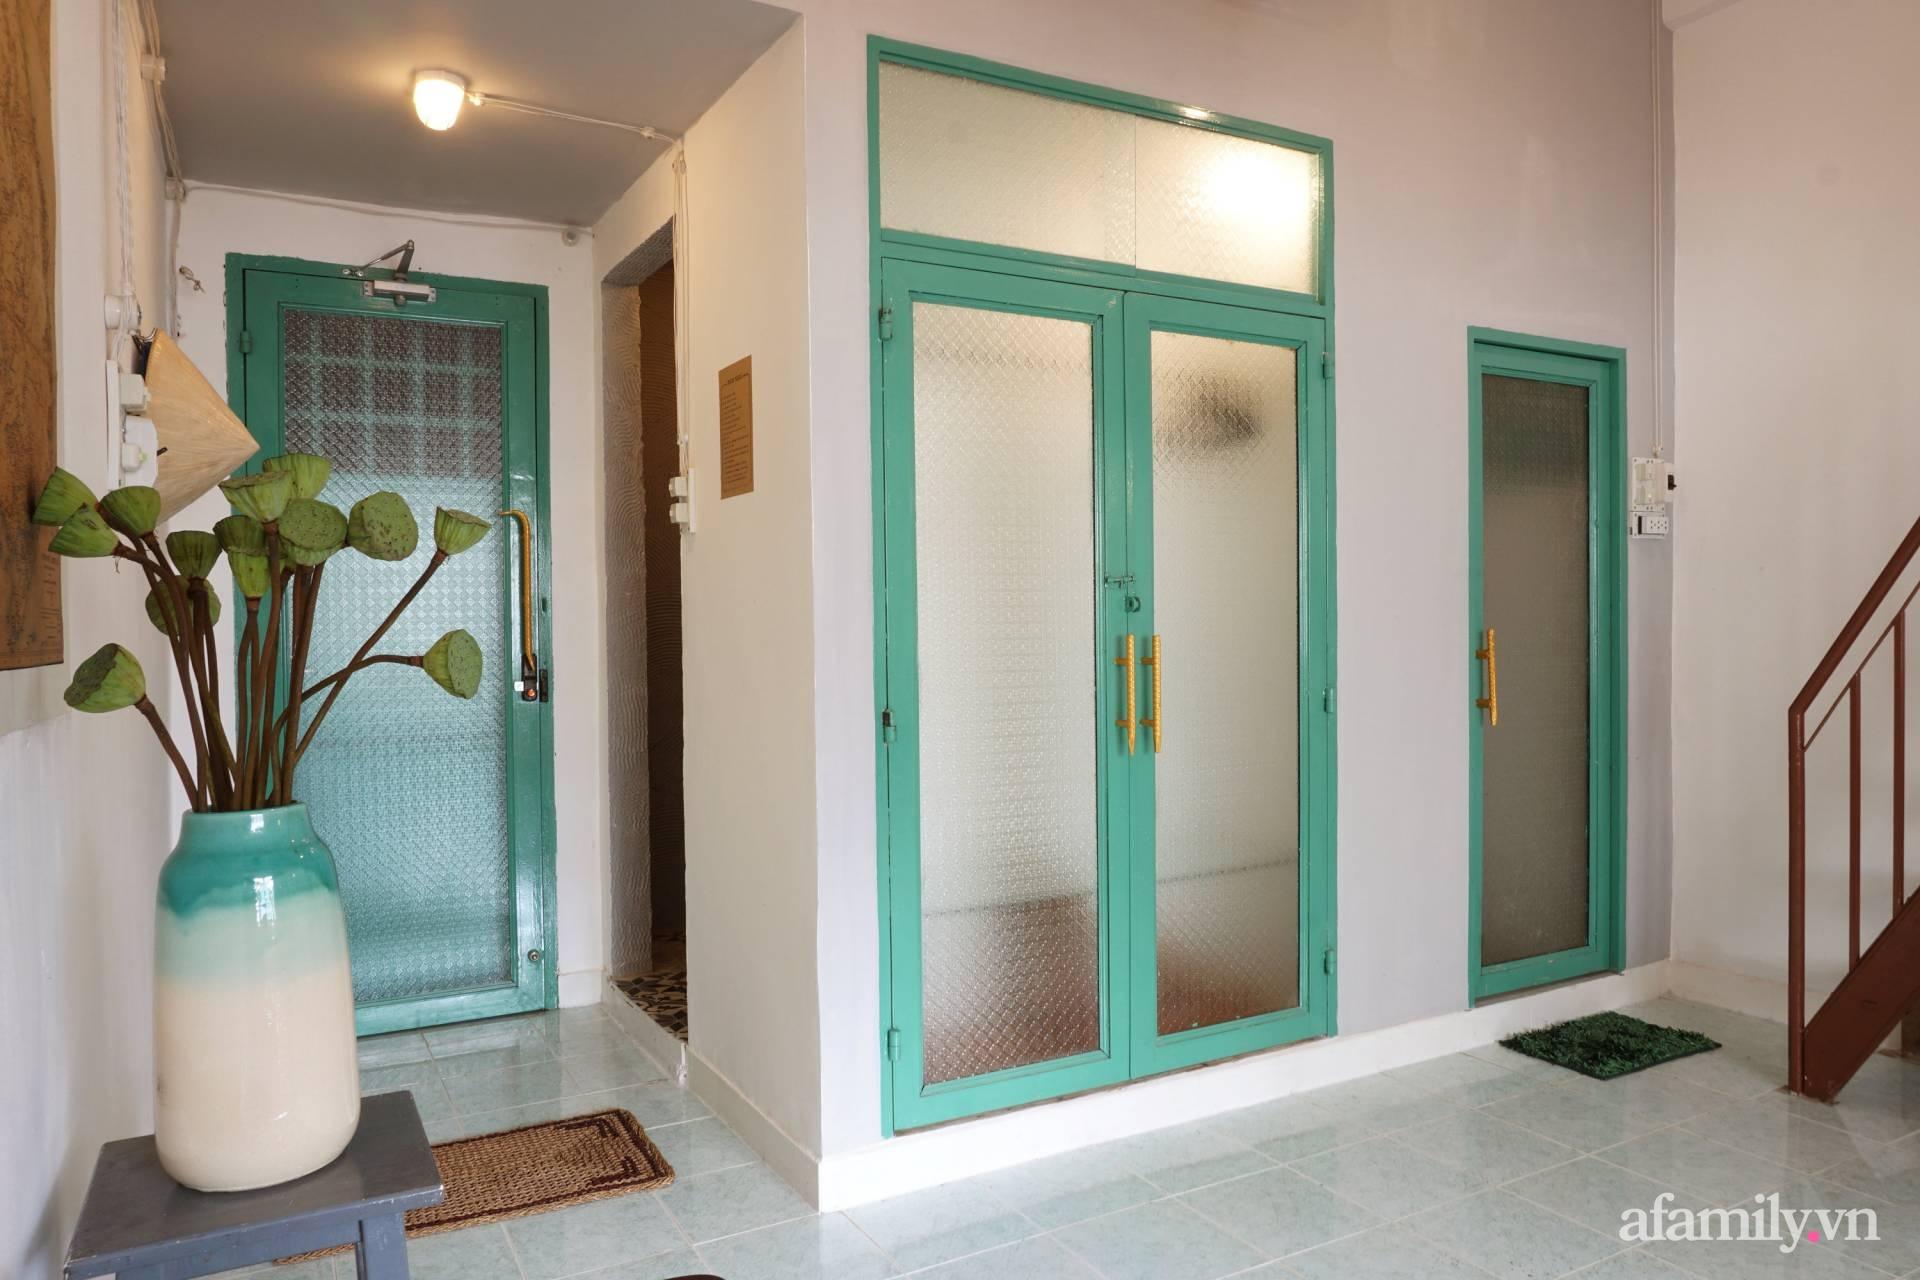 Cải tạo nhà tập thể đẹp hoài cổ lấy cảm hứng từ phong cách Đông Dương có chi phí 120 triệu đồng ở Sài Gòn - Ảnh 13.